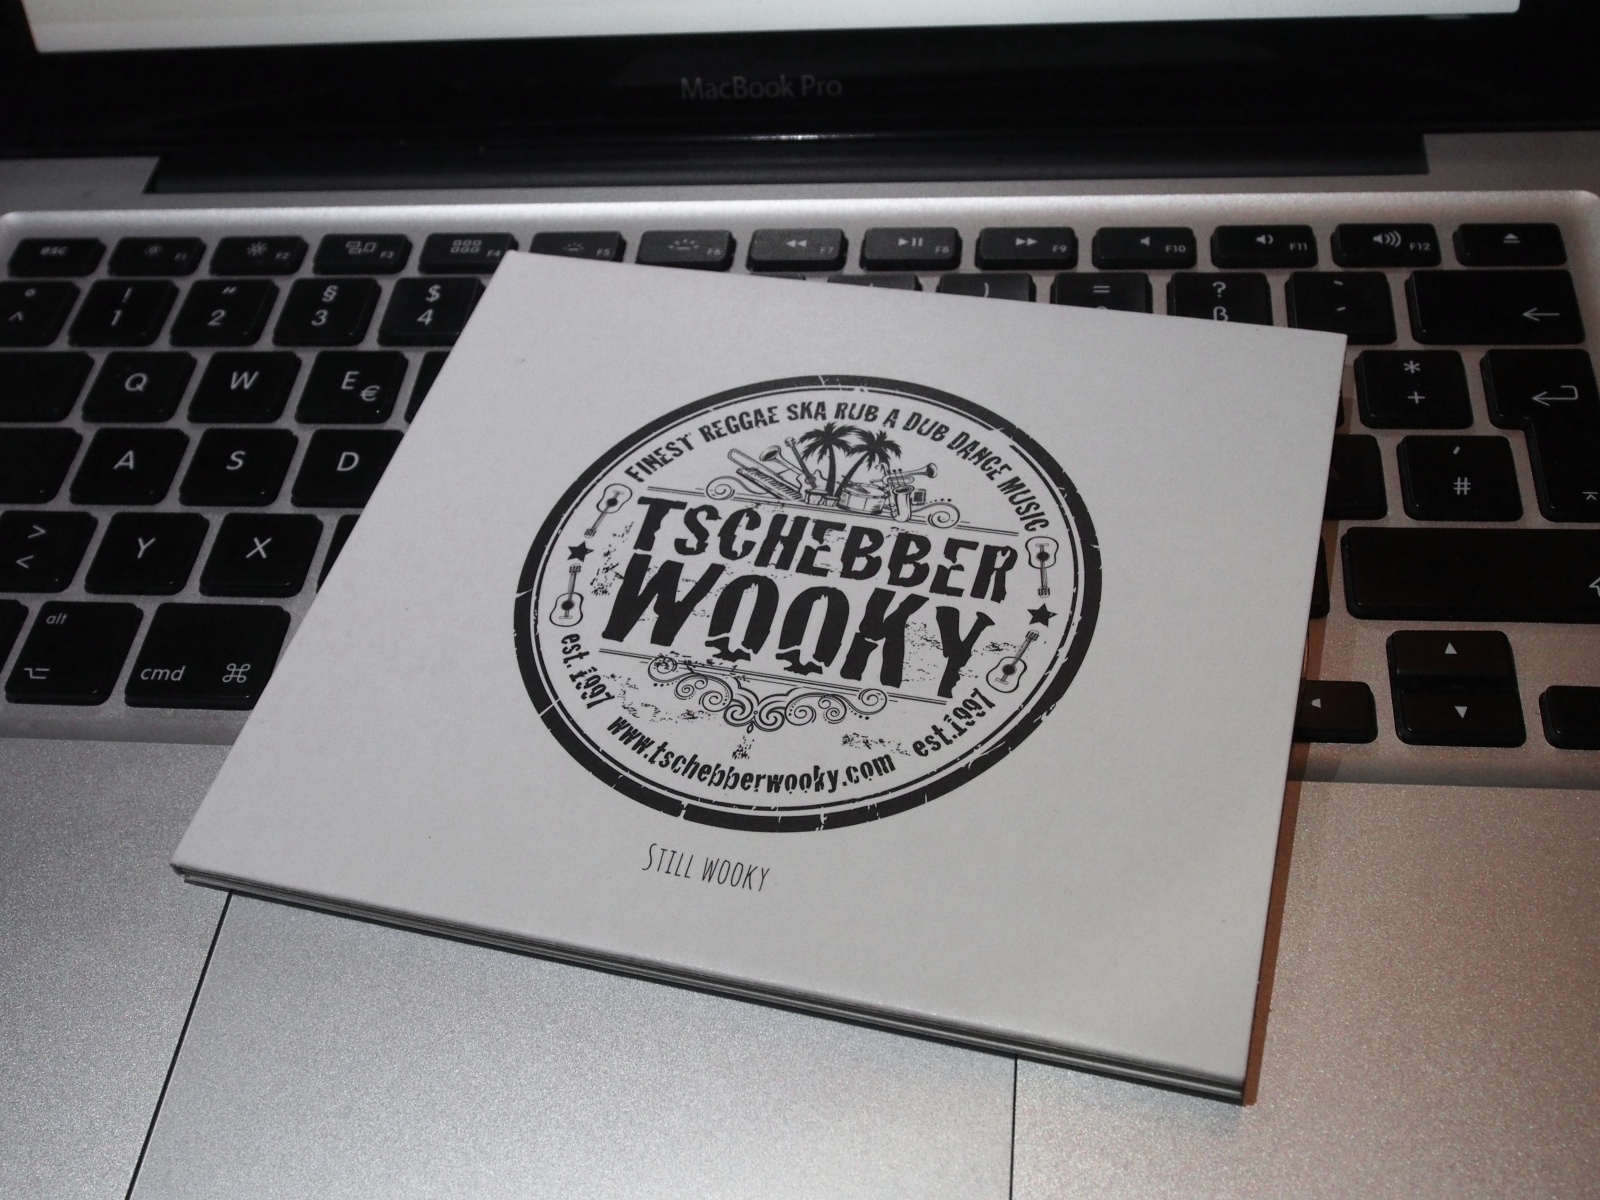 Tschebber Wooky